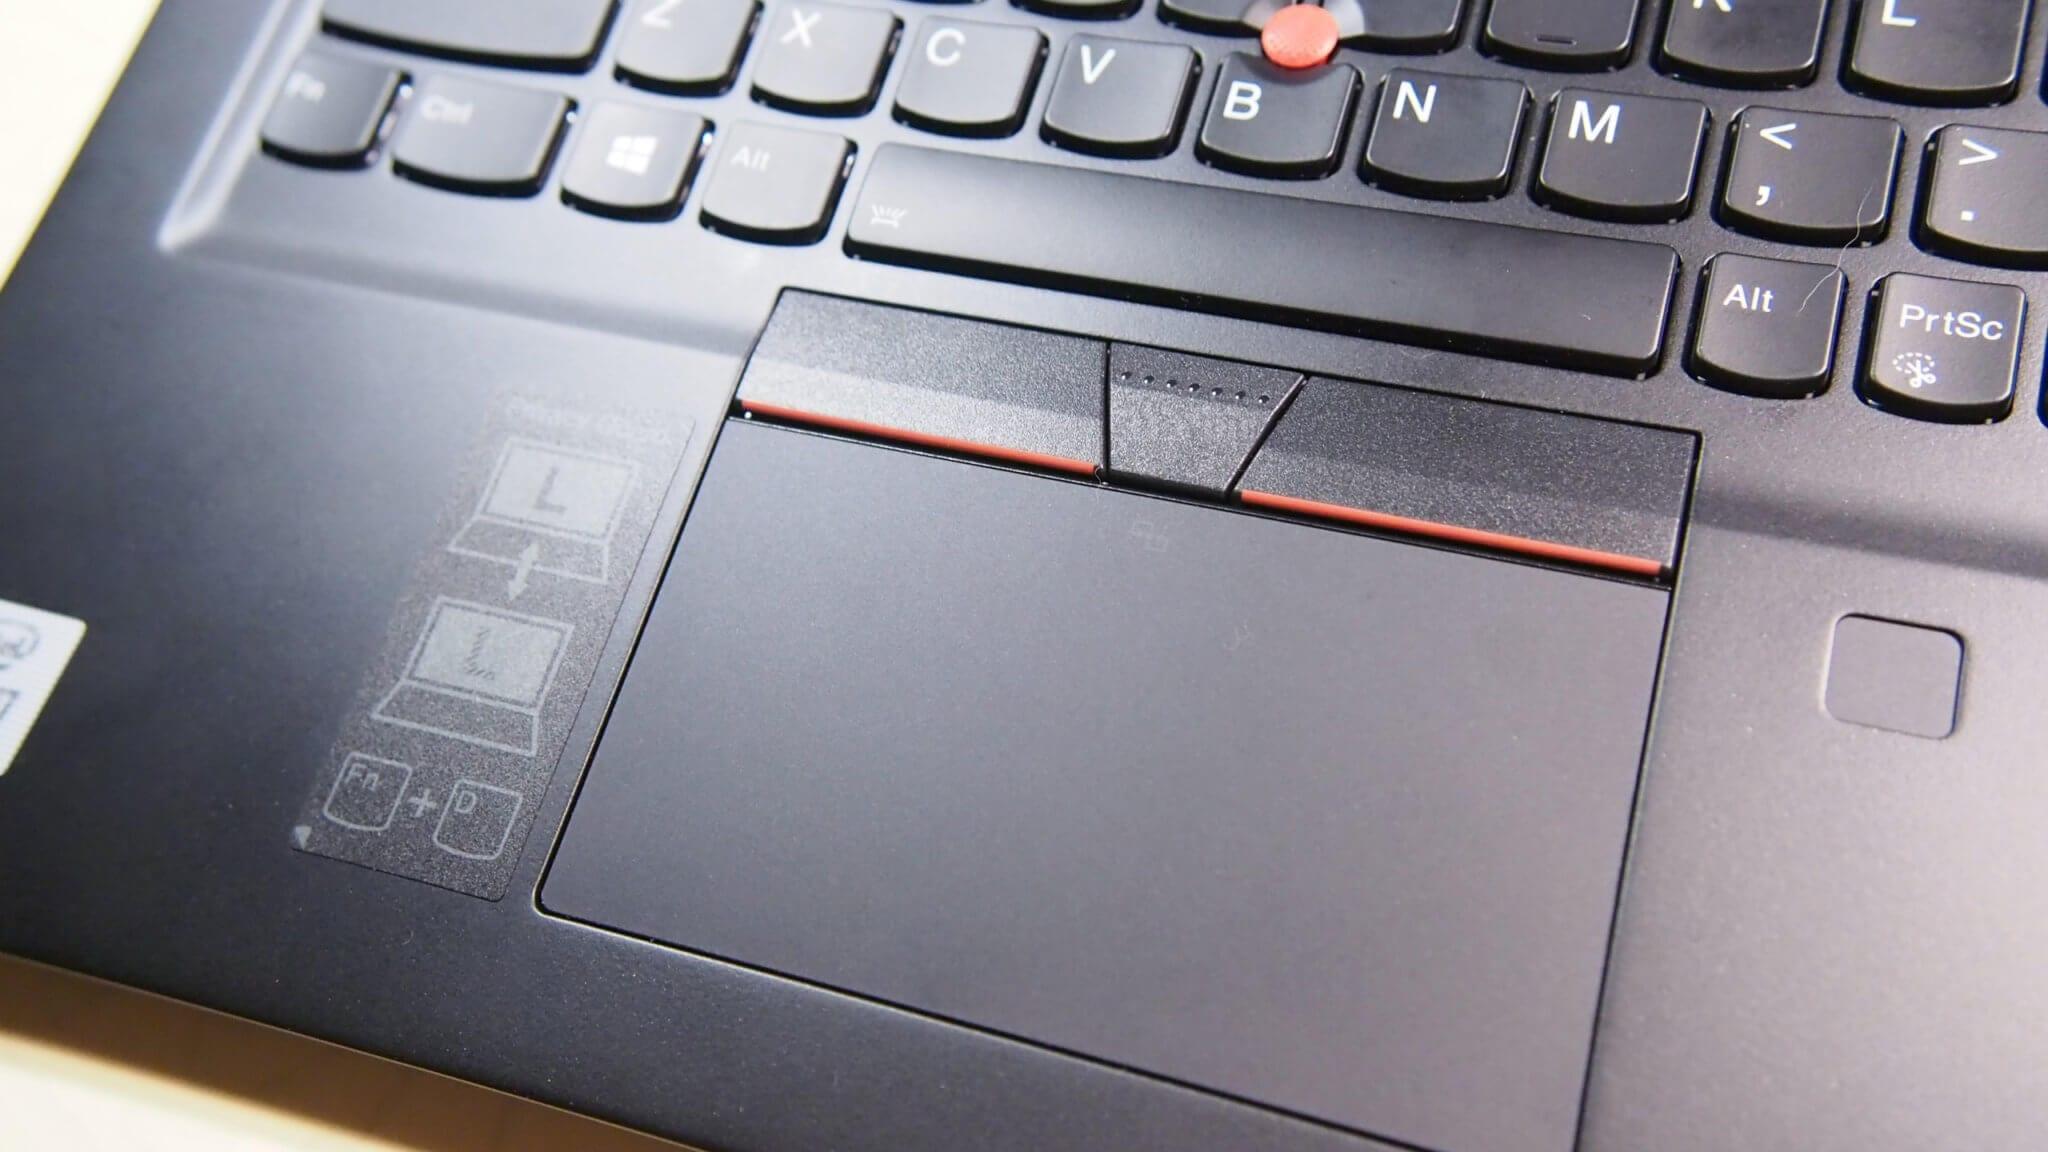 Thinkpad X13 Trackpad